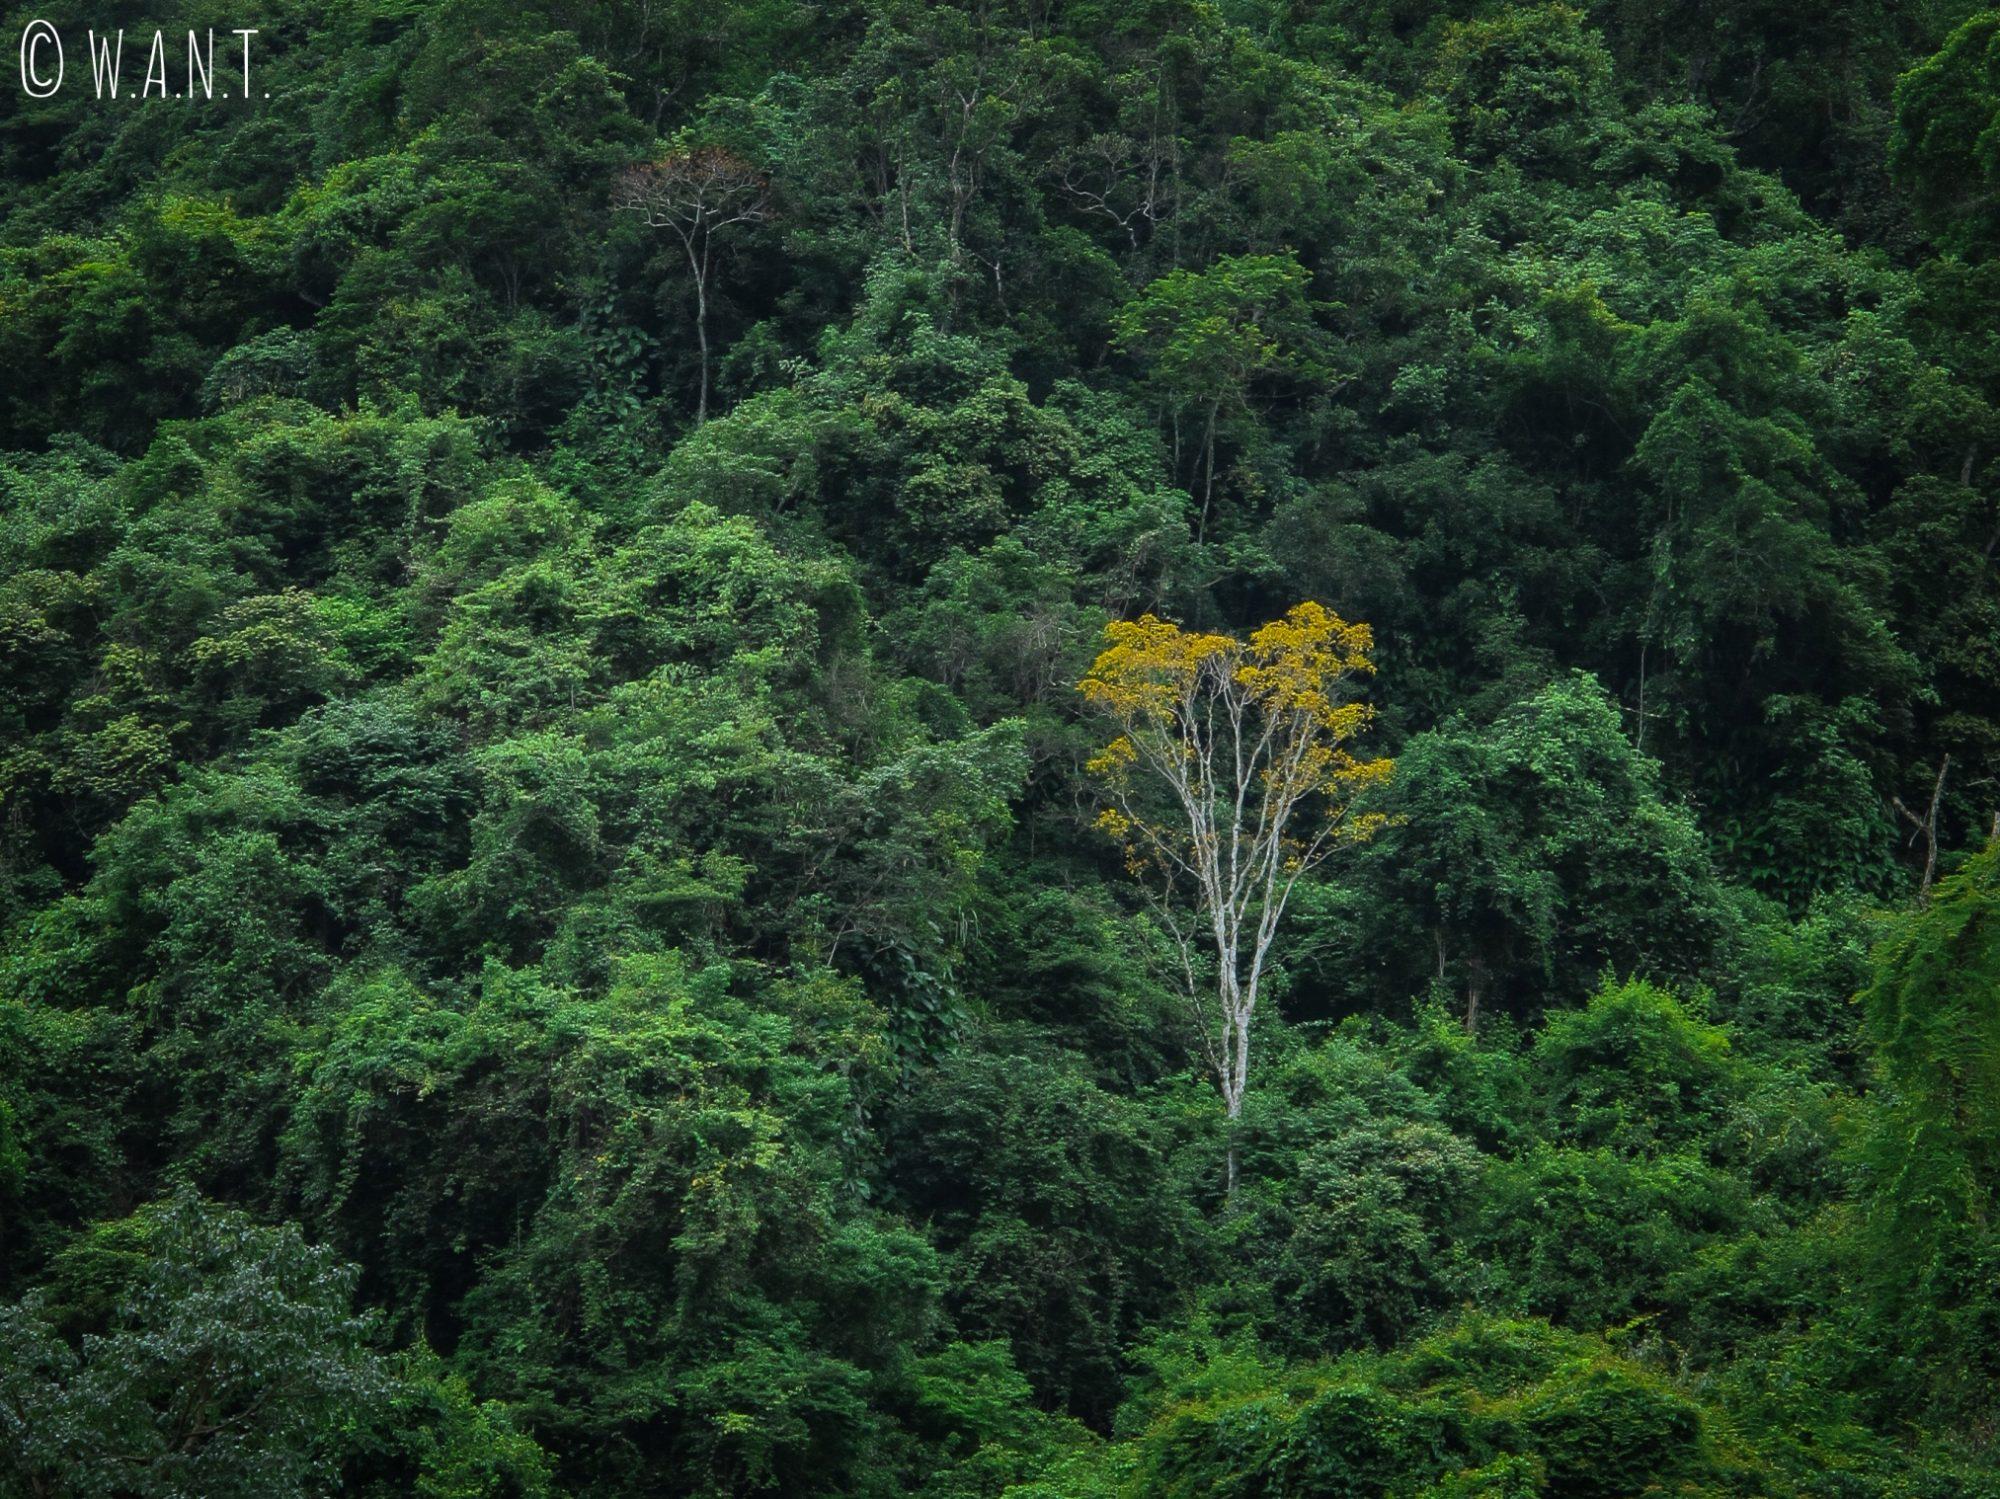 Arbre jaune au milieu de la végétation dense du parc national Phong Nha-Ke Bang